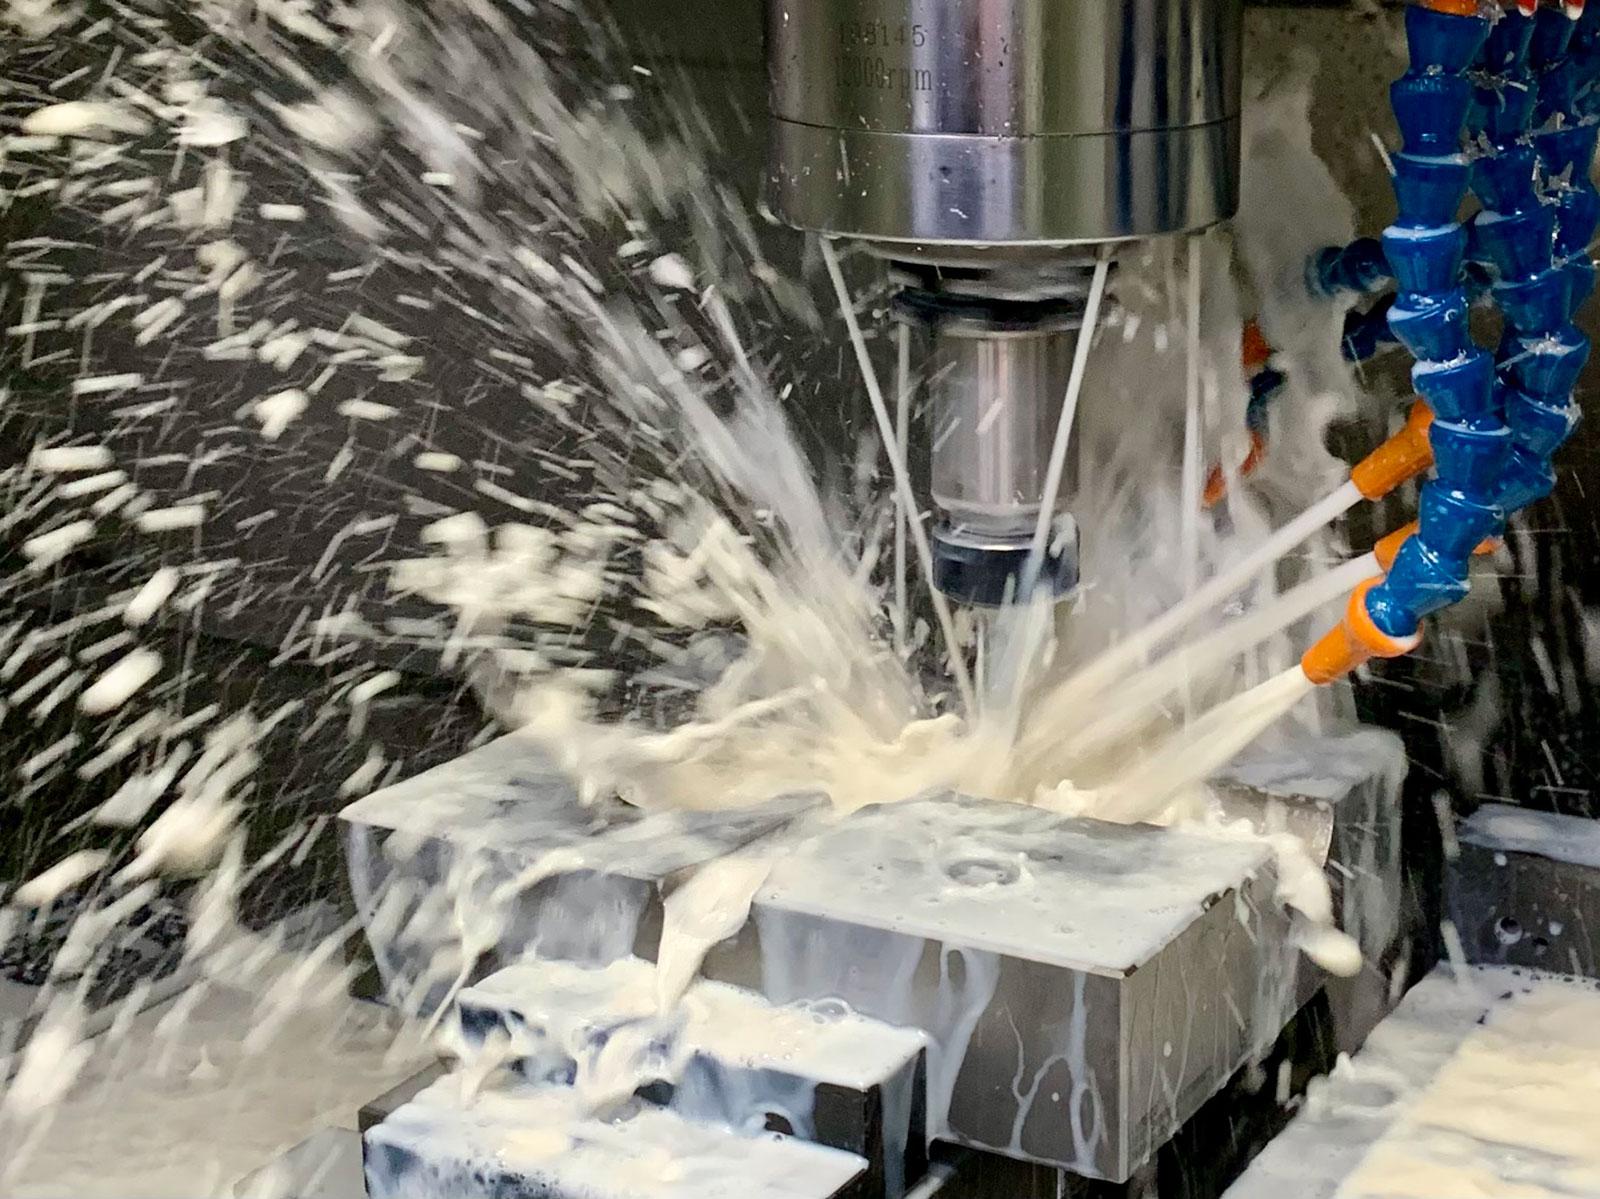 Aluminiumgussteile werden durch moderne CNC-Maschinen bearbeitet